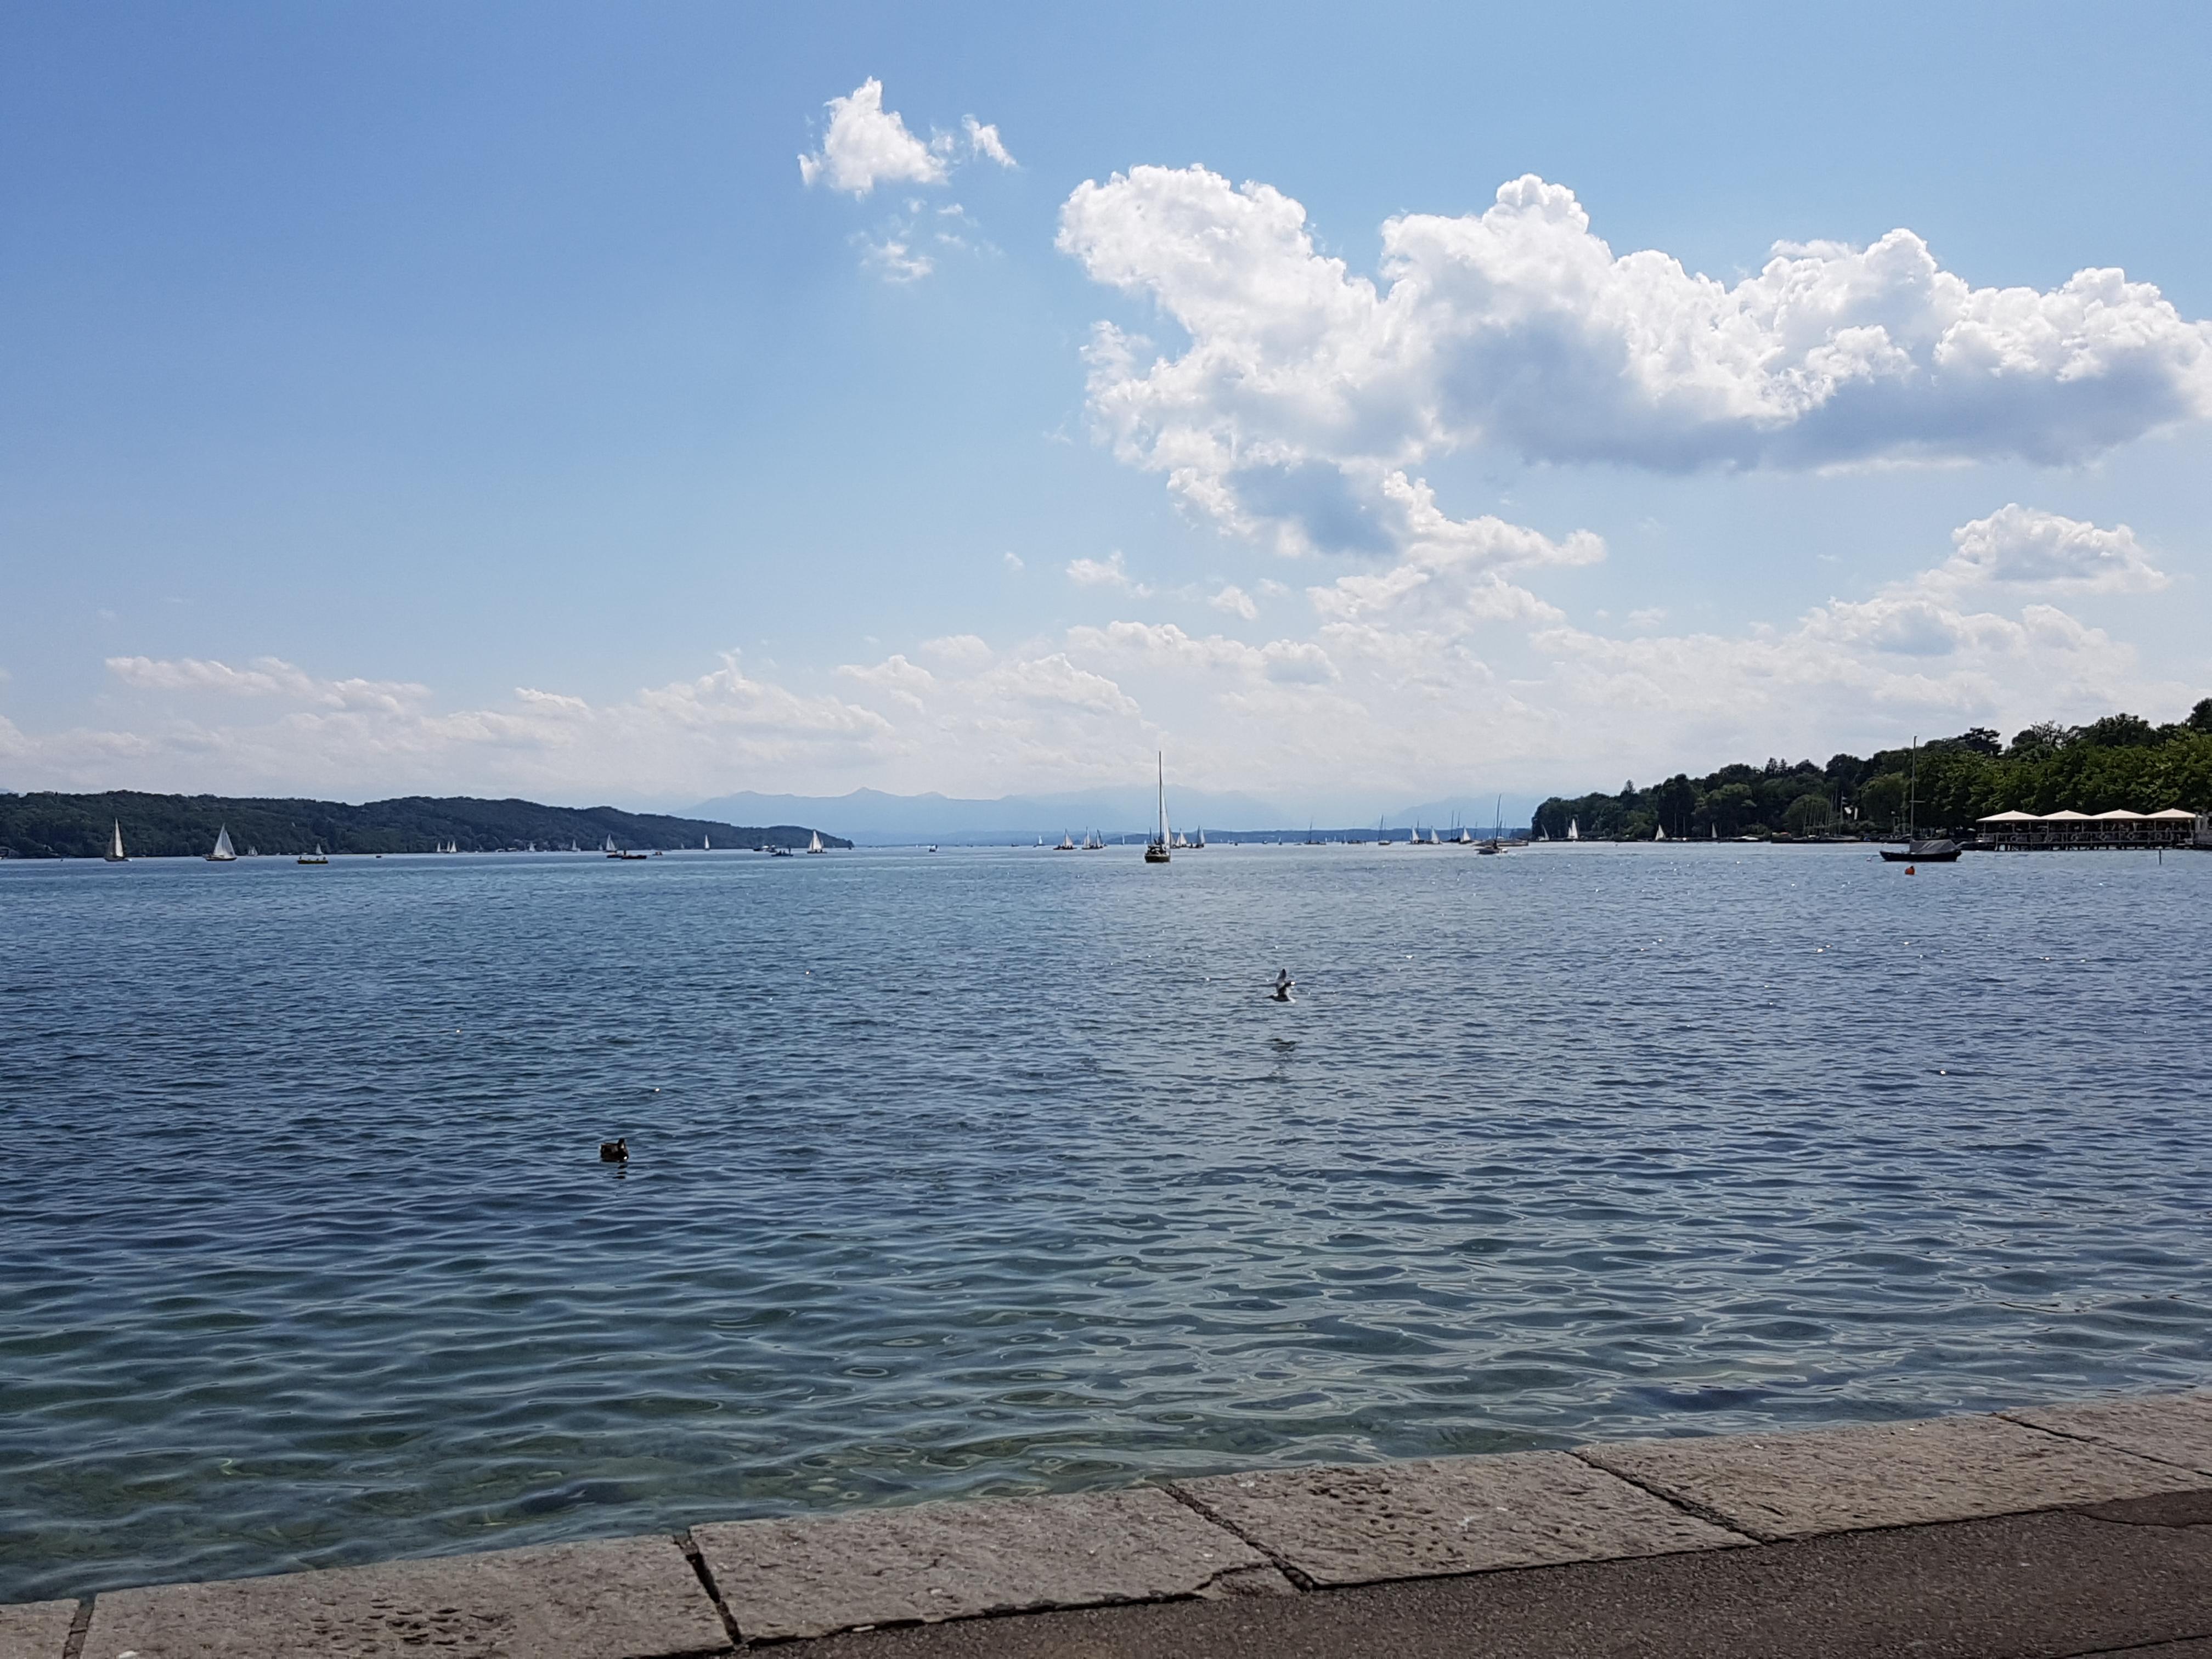 Urlaub in Starnberg – Sightseeing, Wandern und Entspannen